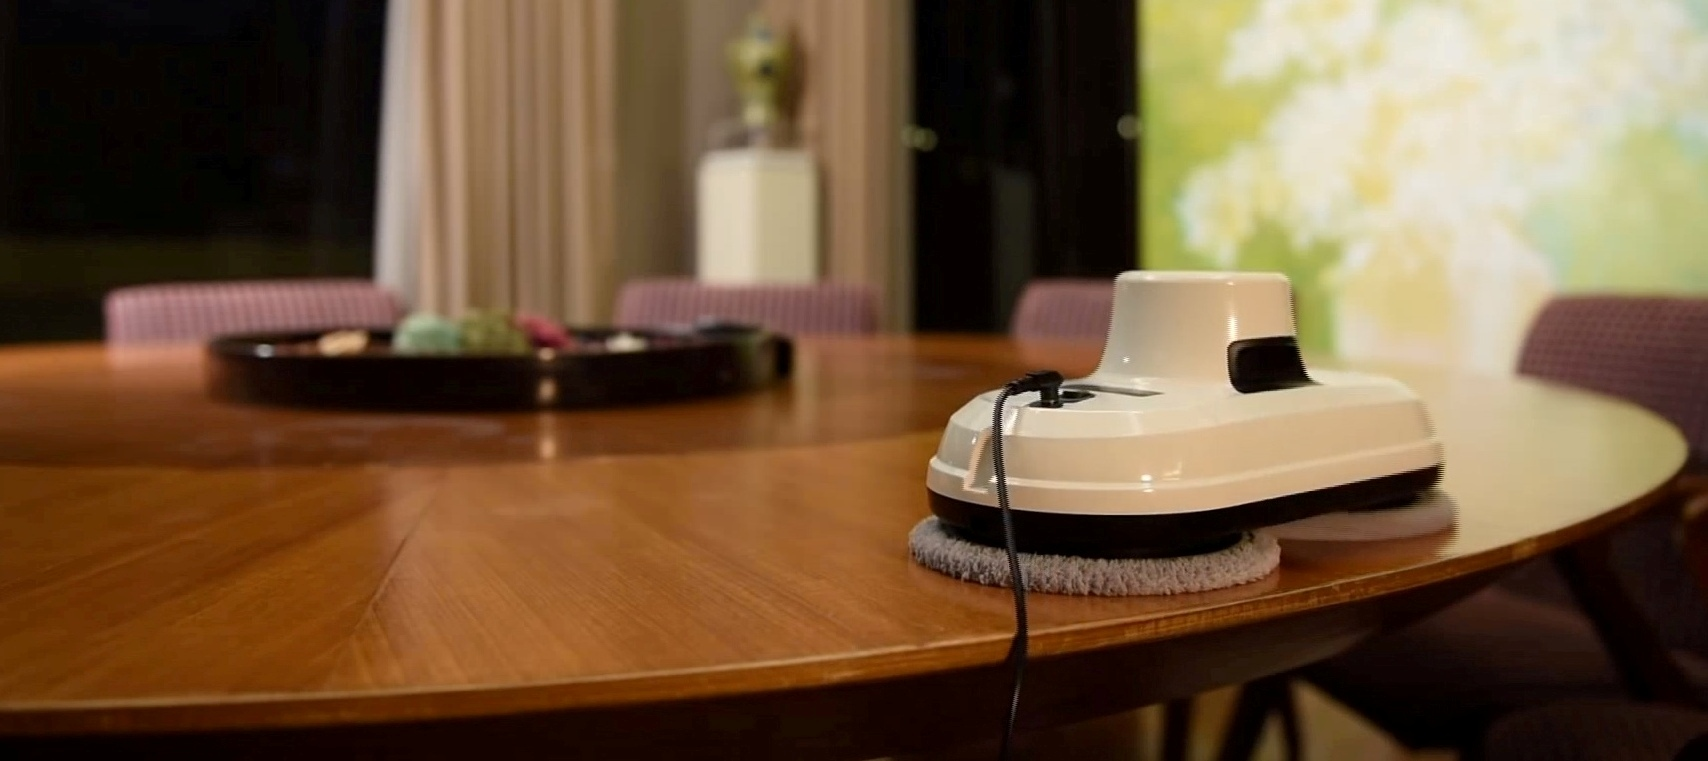 Робот для мойки окон Hobot 188 на столе